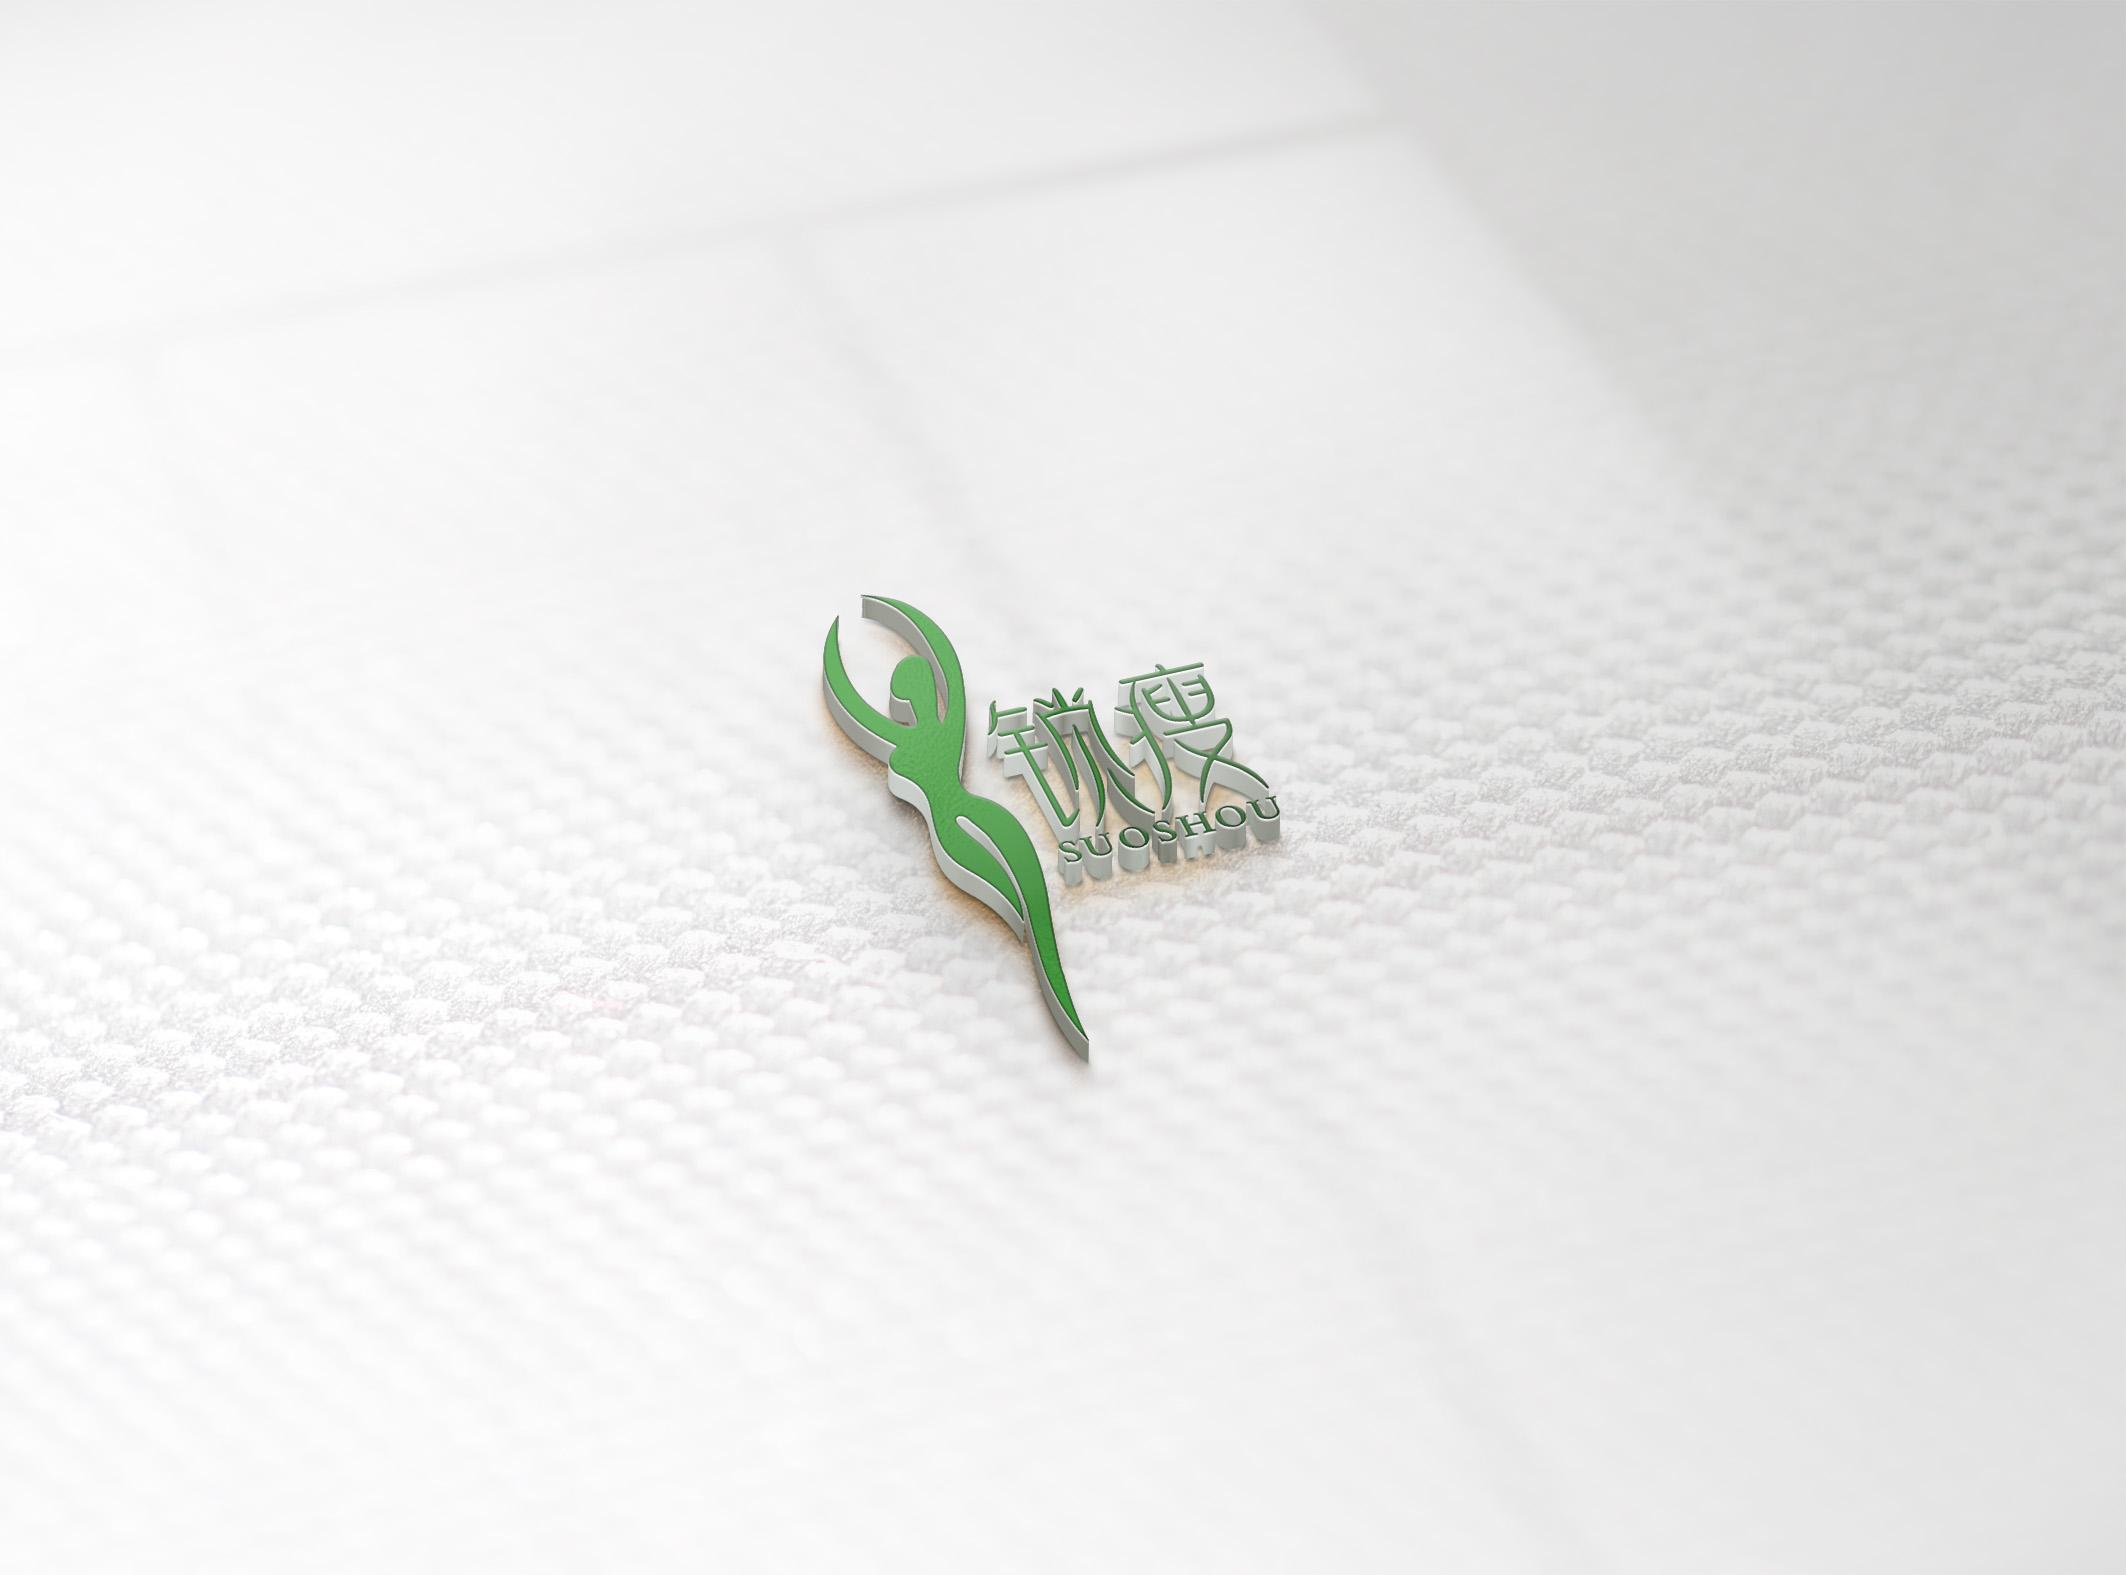 产品logo设计(内容有更新7.14)_3034070_k68威客网